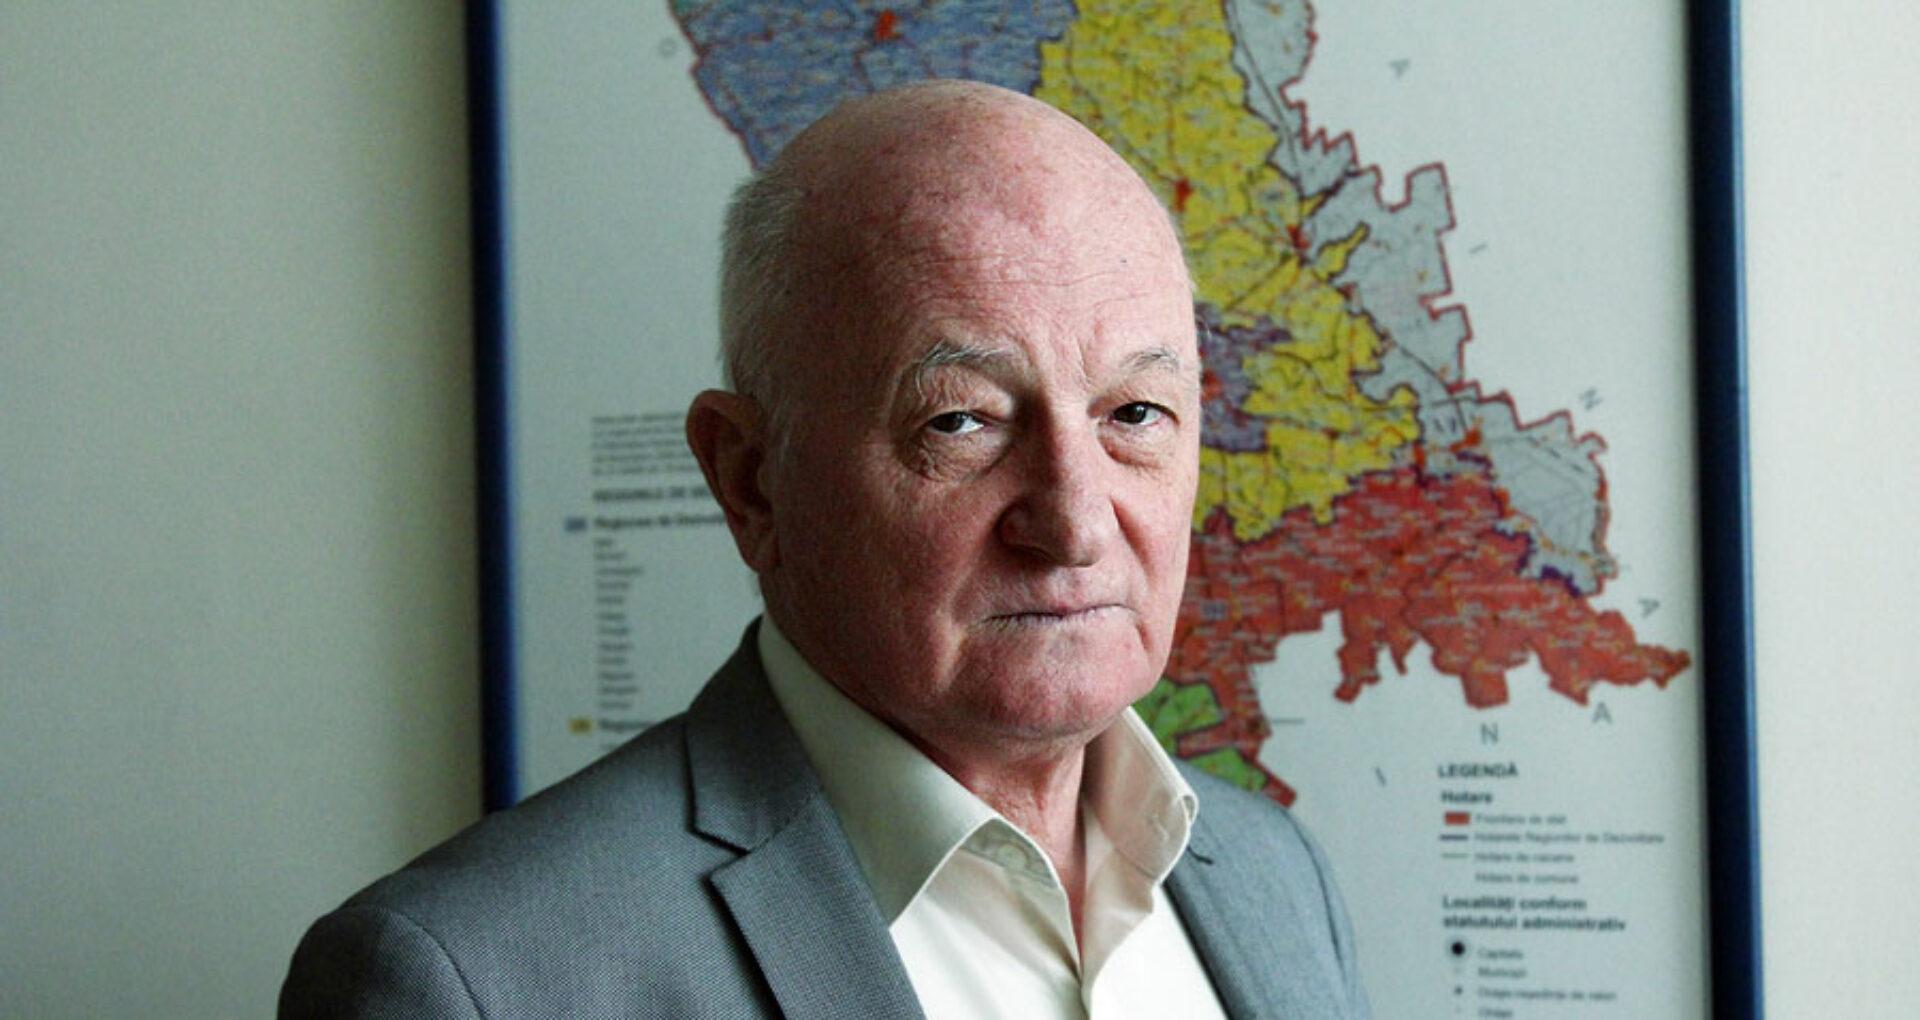 Interviu cu Oazu Nantoi: Agentul de influenţă al Federaţiei Ruse la şefia statului